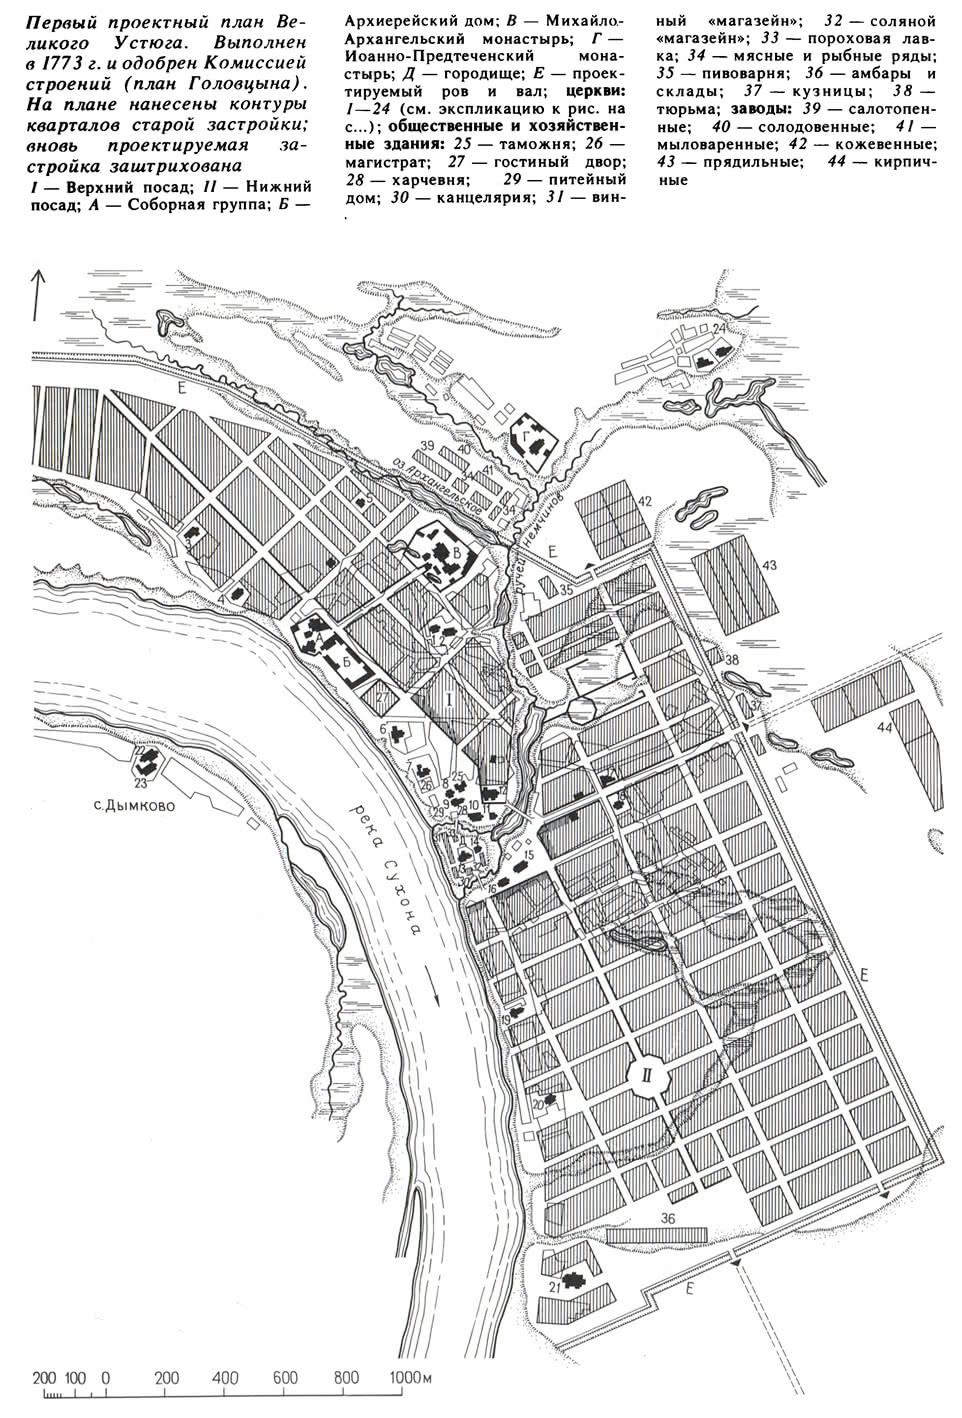 Первый проектный план Великого Устюга. Выполнен в 1773 г.